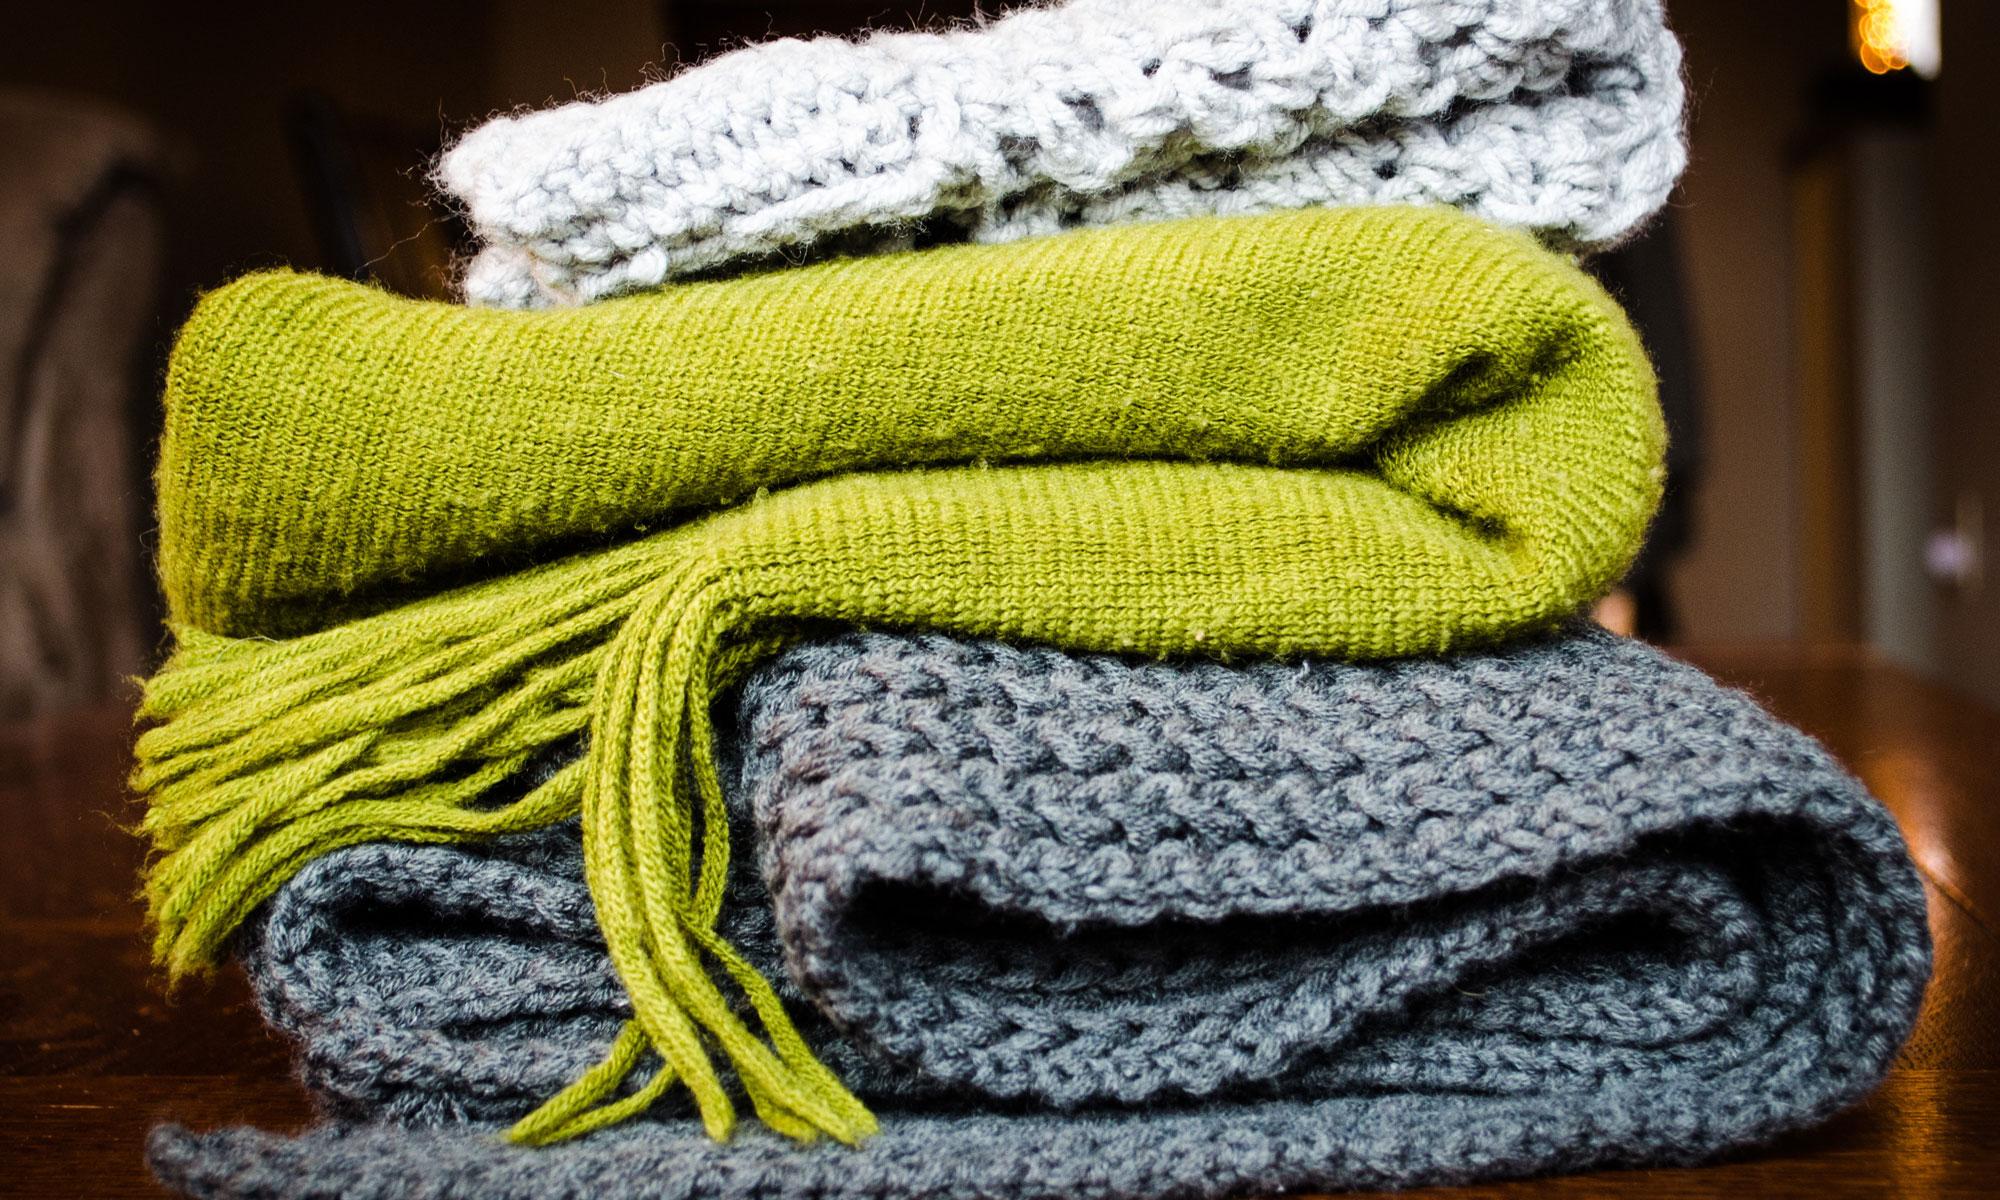 mantas e cobertores